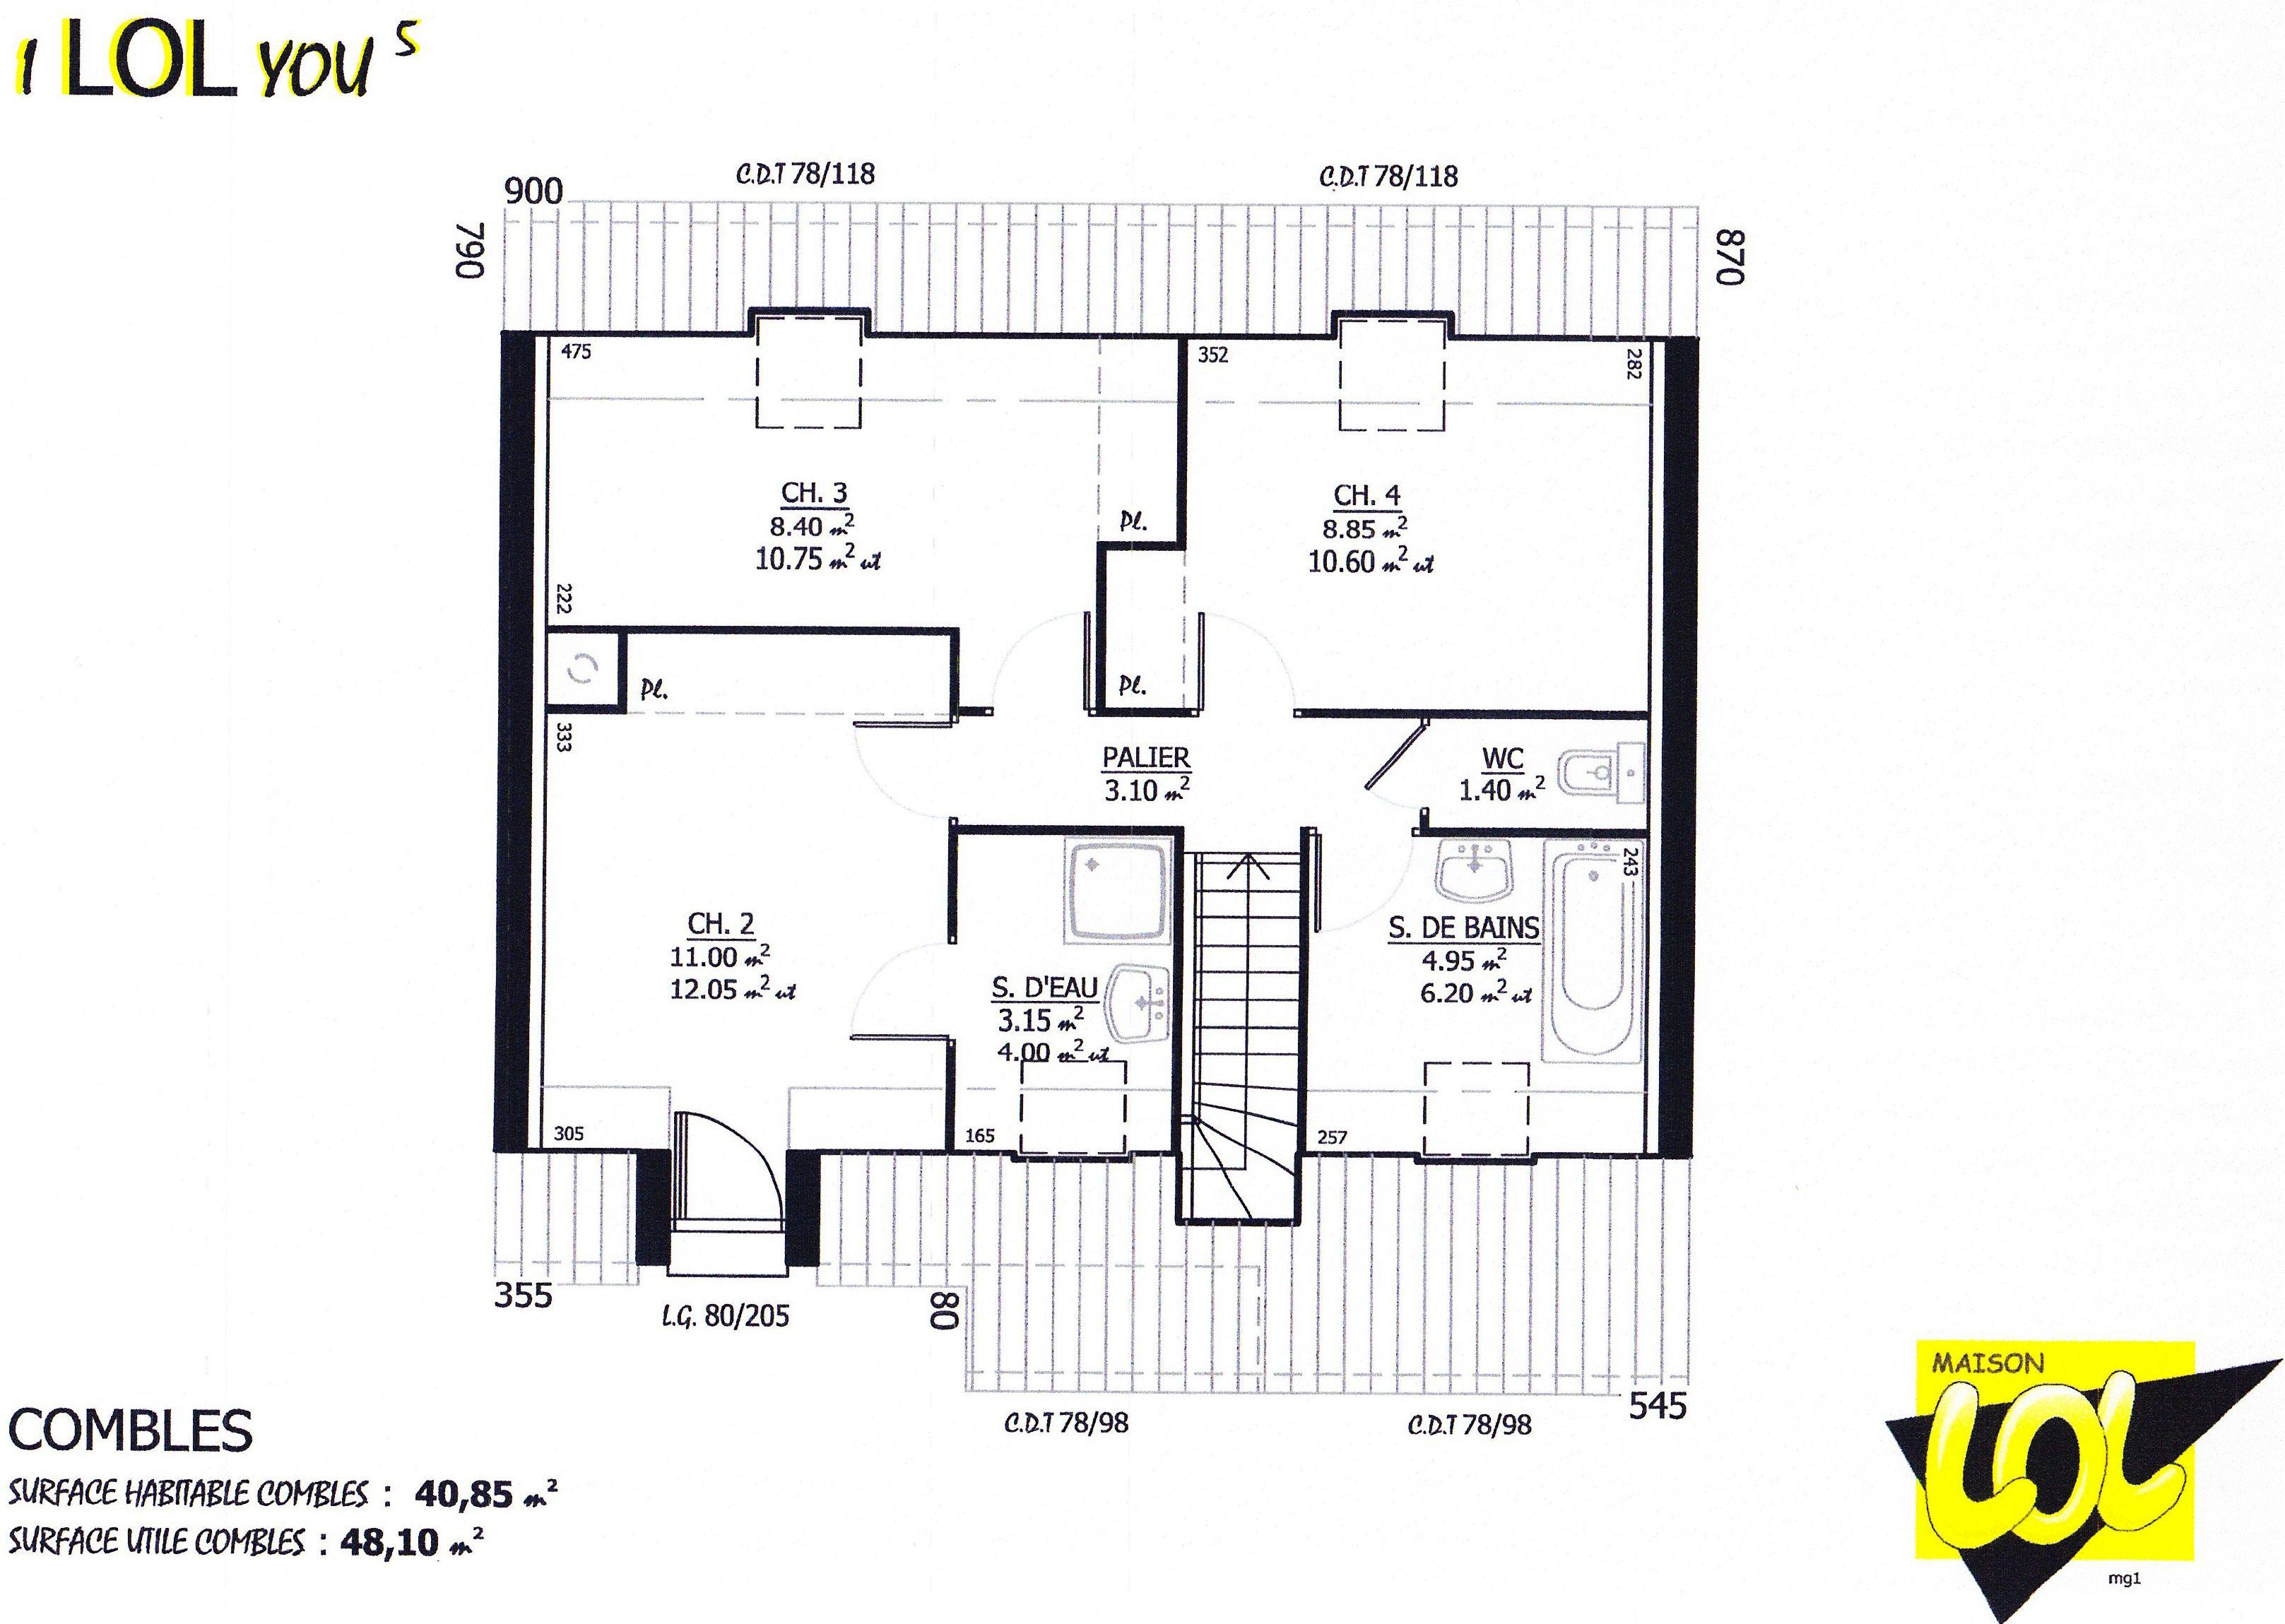 Maison ilolyou maison lol 122323 euros 100 3 m2 for Plan de maison a construire